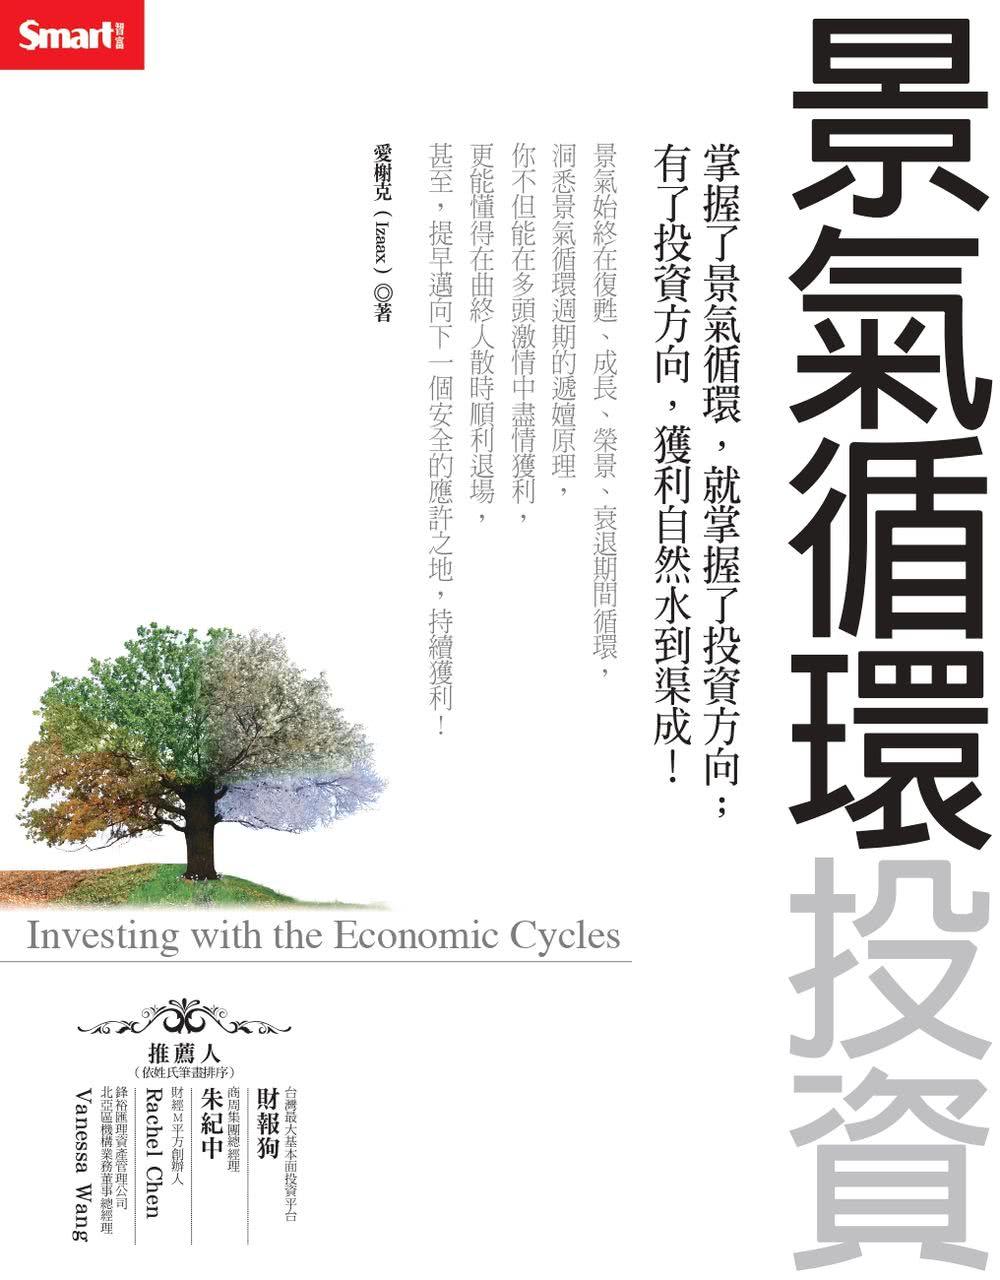 景氣循環投資